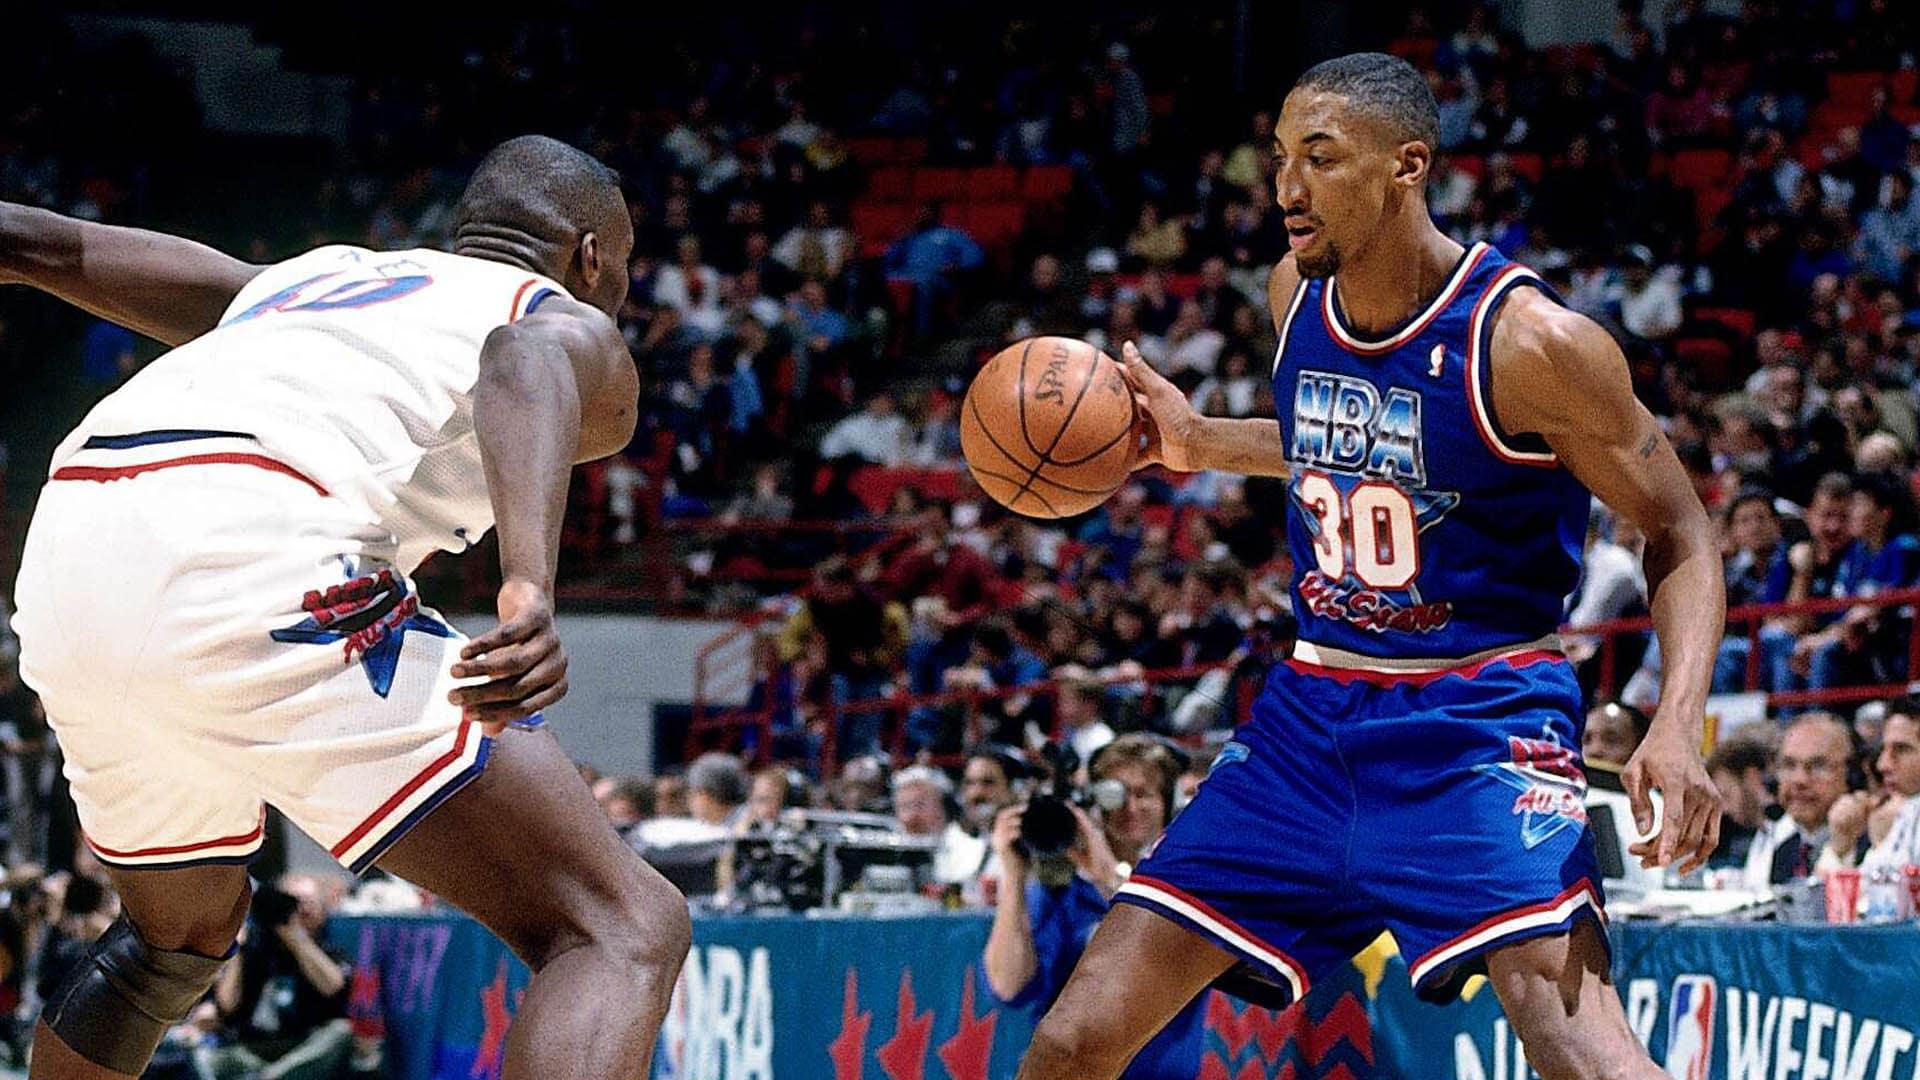 1994 NBA All-Star recap